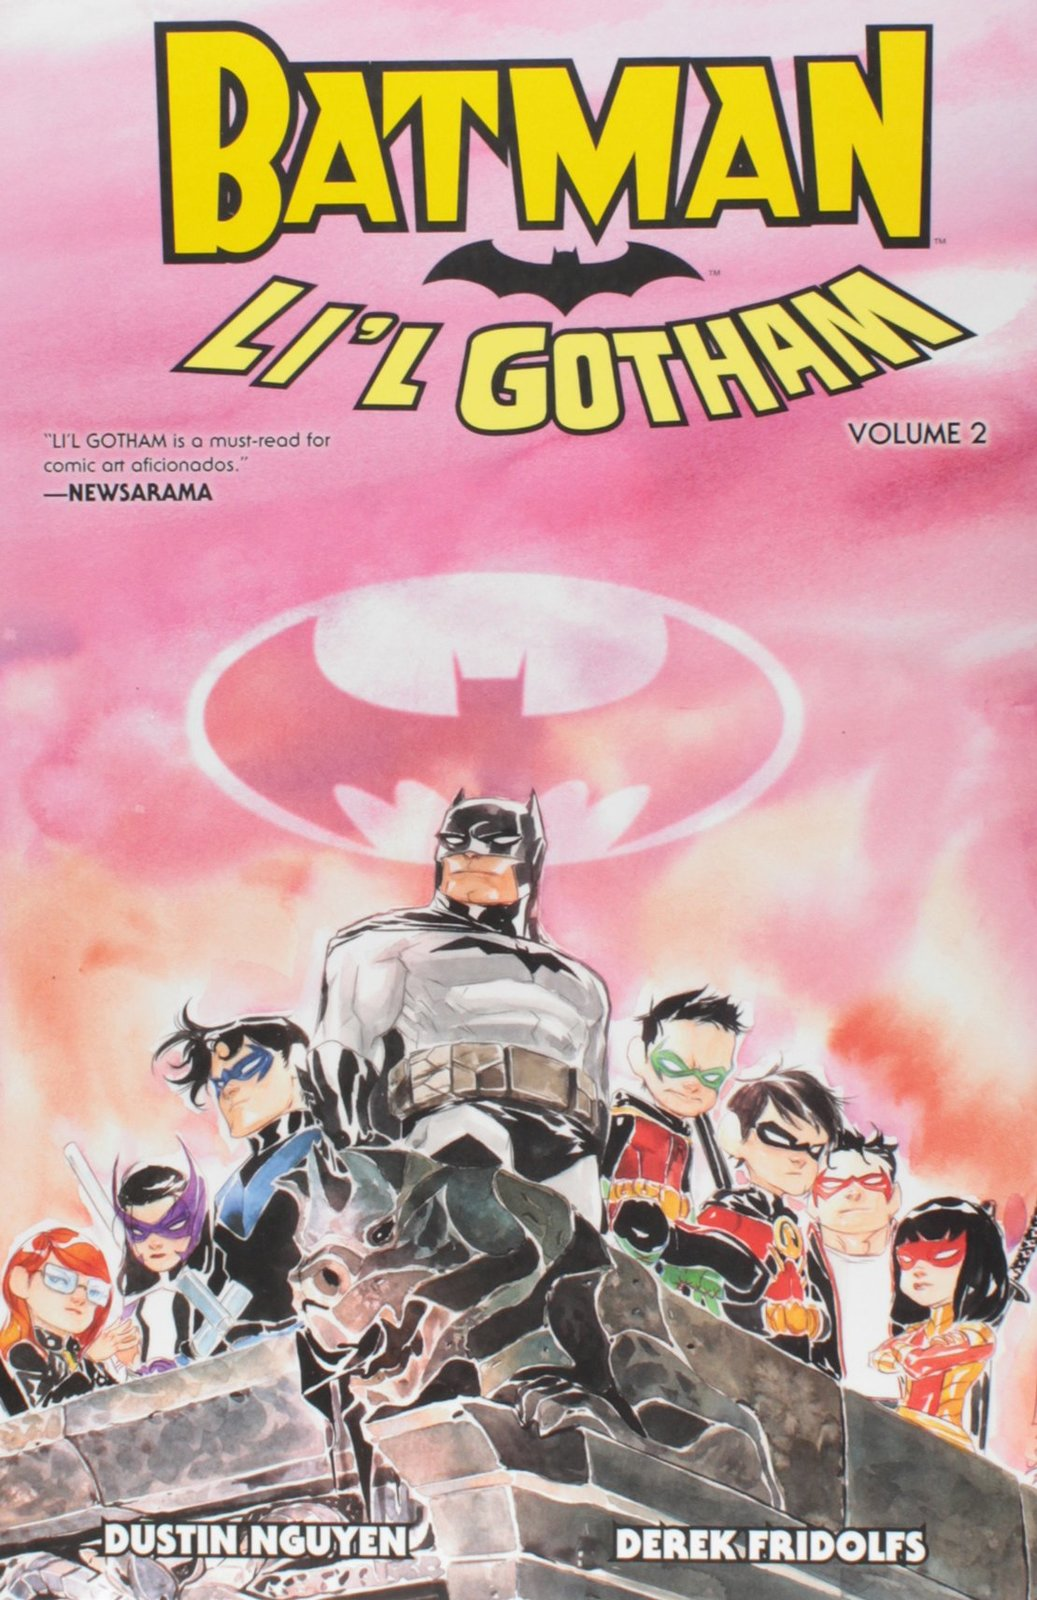 Batman Li'l Gotham Vol. 2 by Dustin Nguyen image